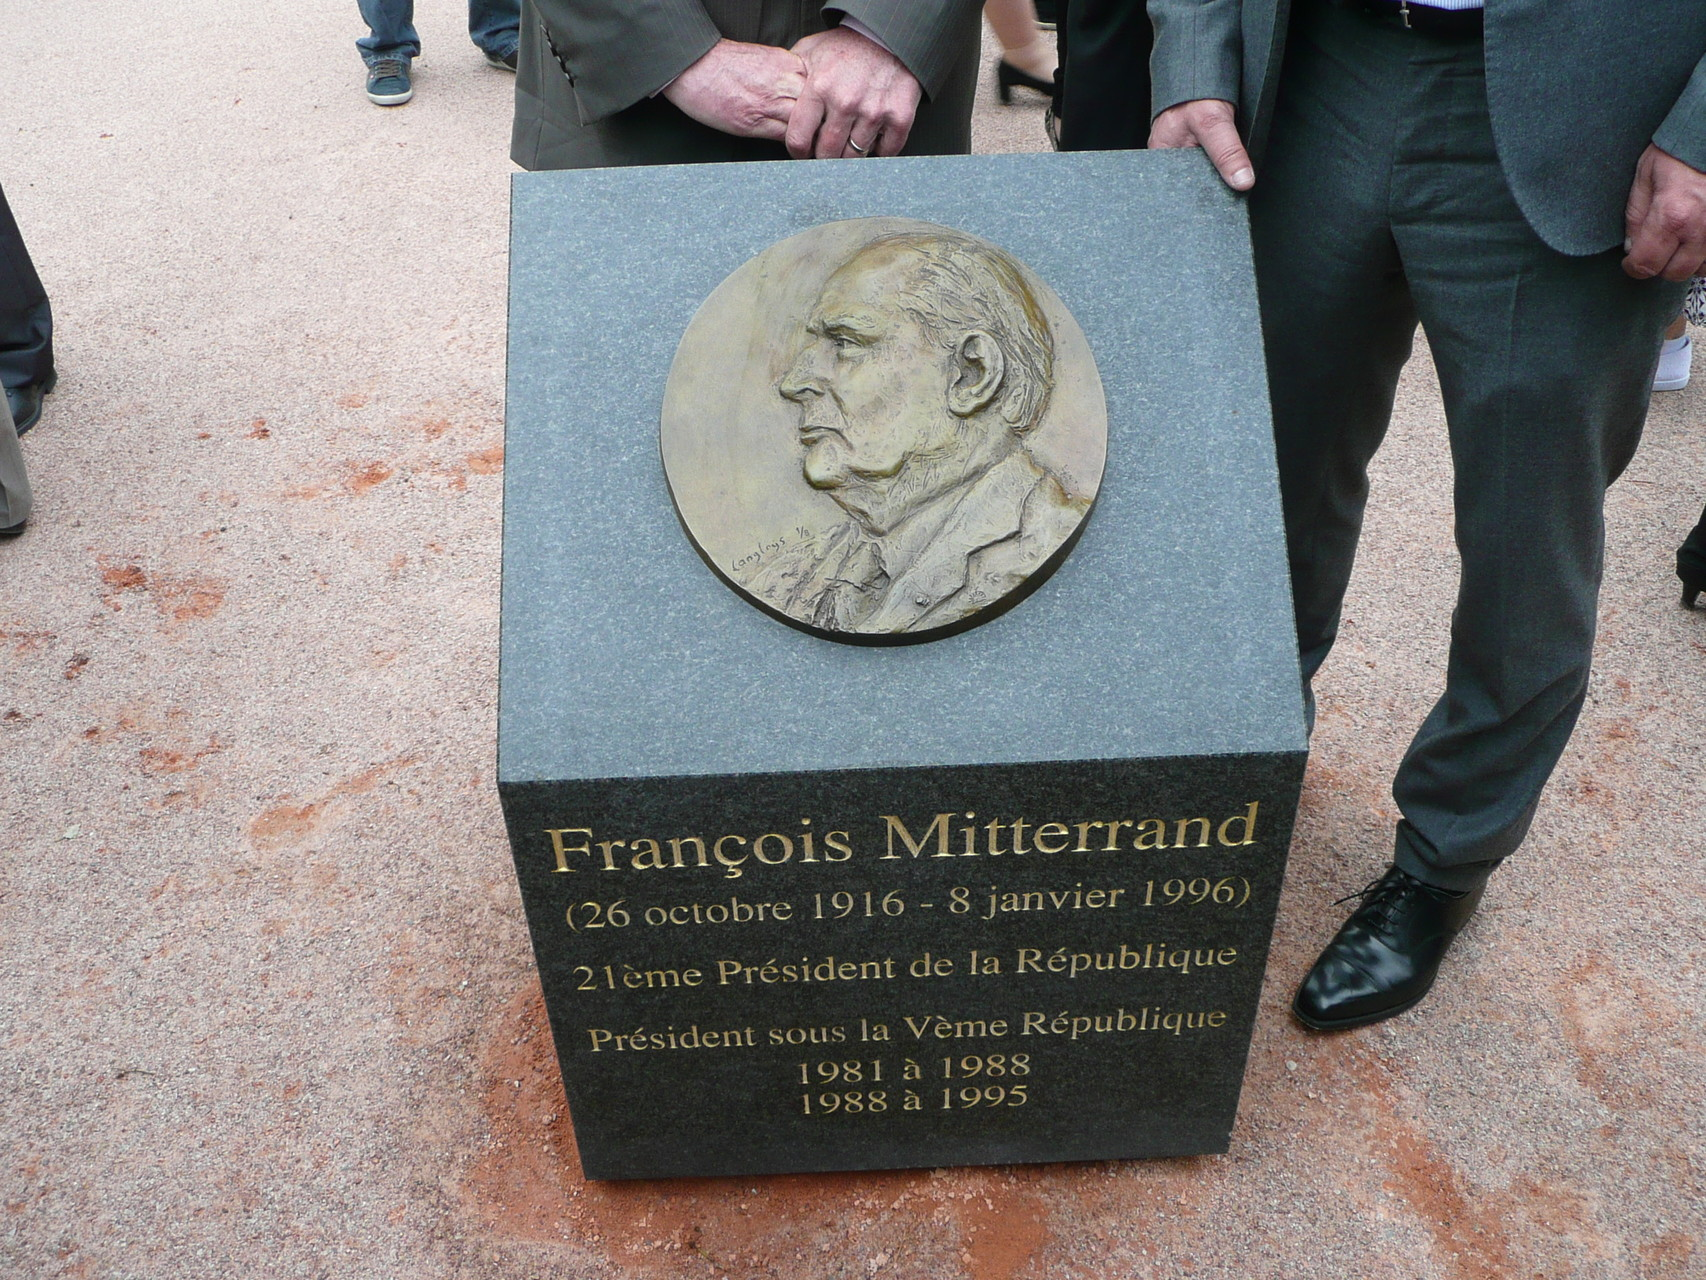 Bas-relief de François Mitterrand, à Goussainville, par Sébastien Langloÿs